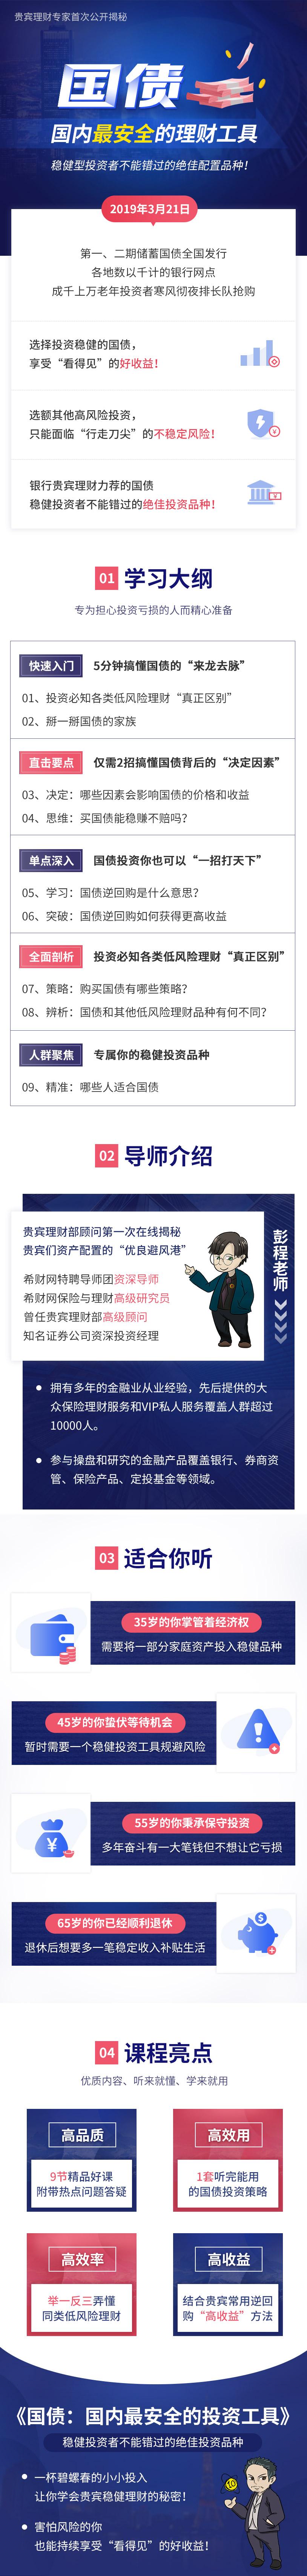 国债:国内最安全的理财工具.jpg